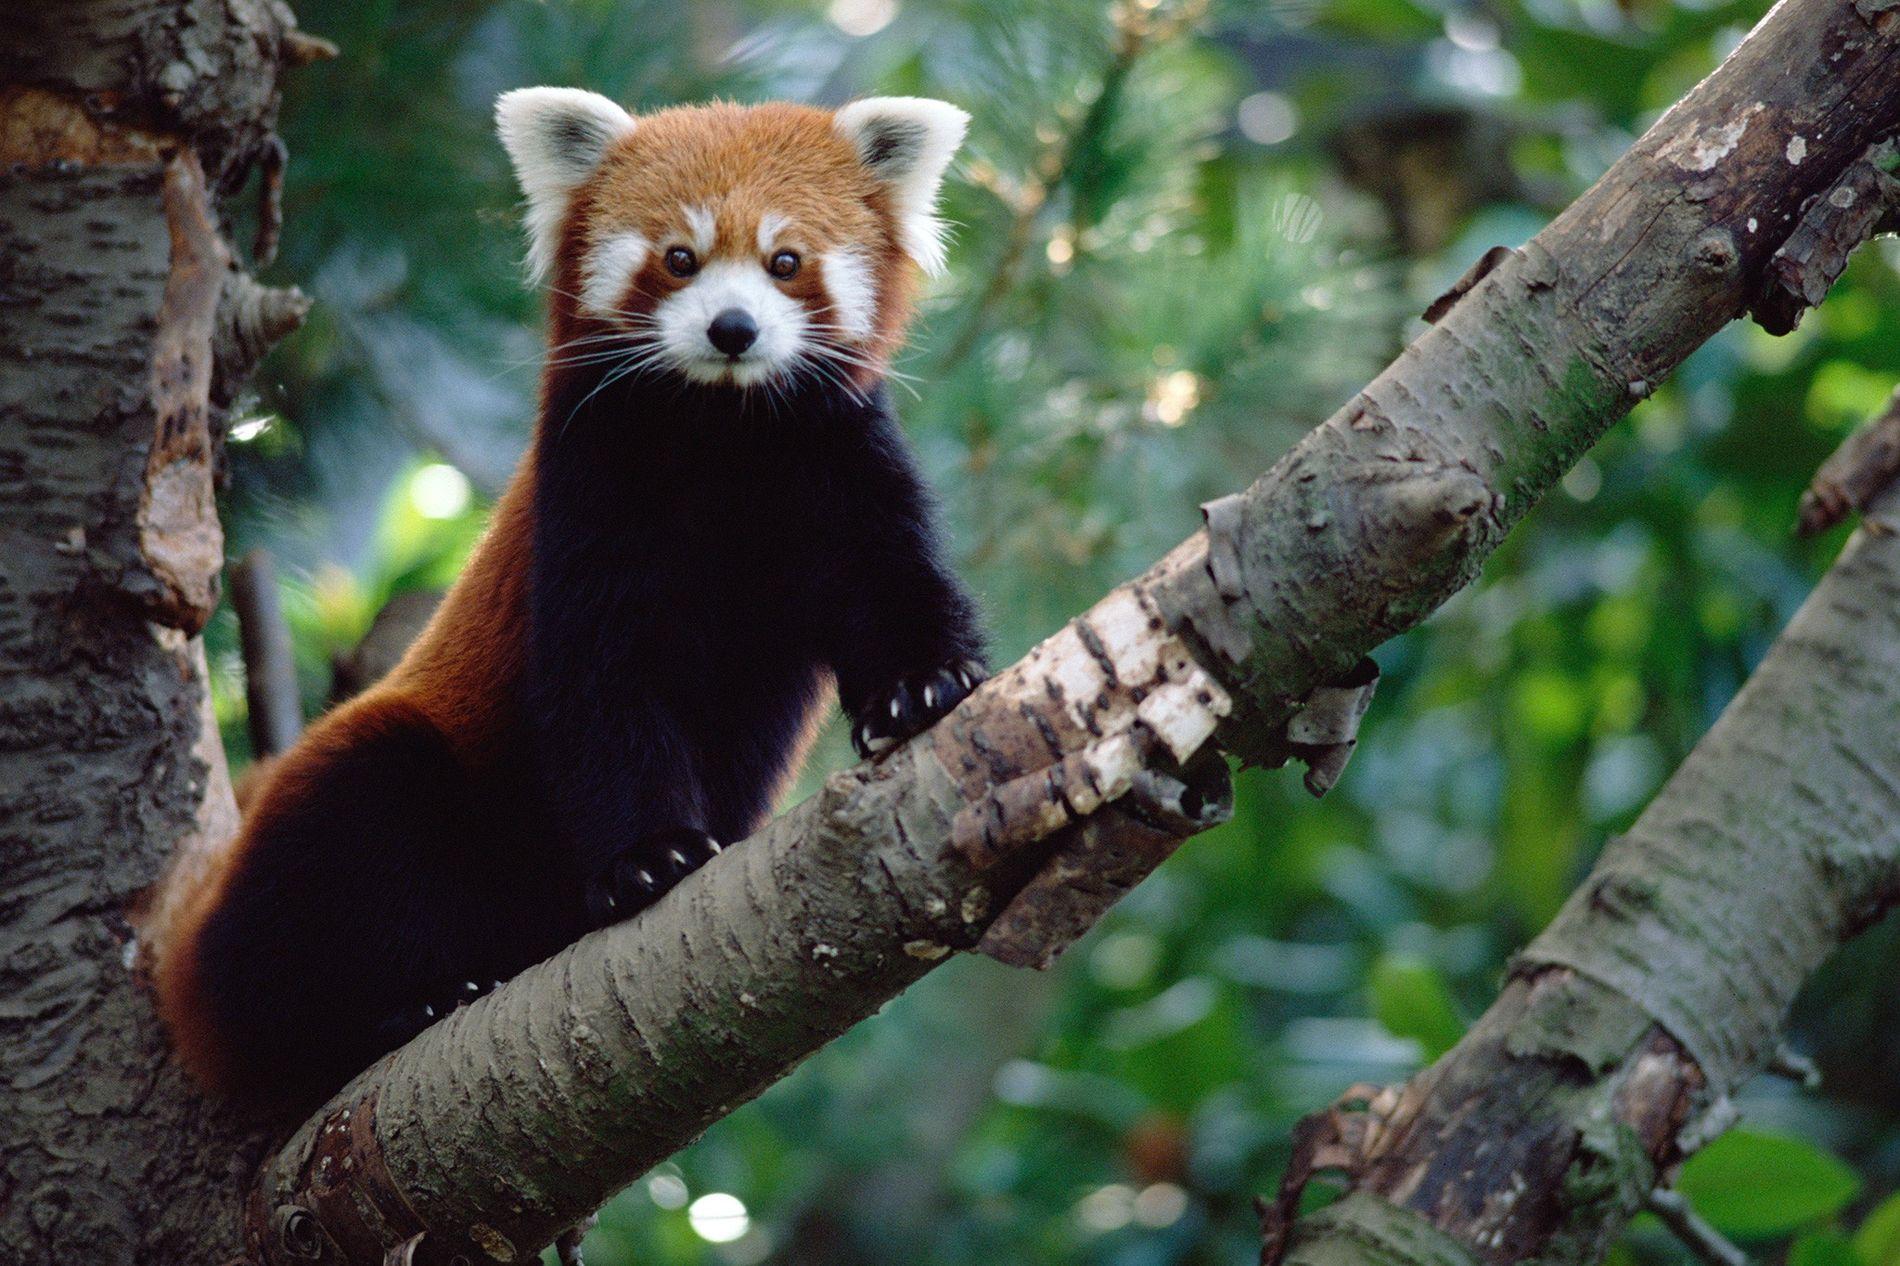 Es ilegal comercial con pandas rojos (Ailurus fulgens) que, pese a ser adorables, tienen garras afiladas y pueden emitir un olor penetrante por la glándula anal.